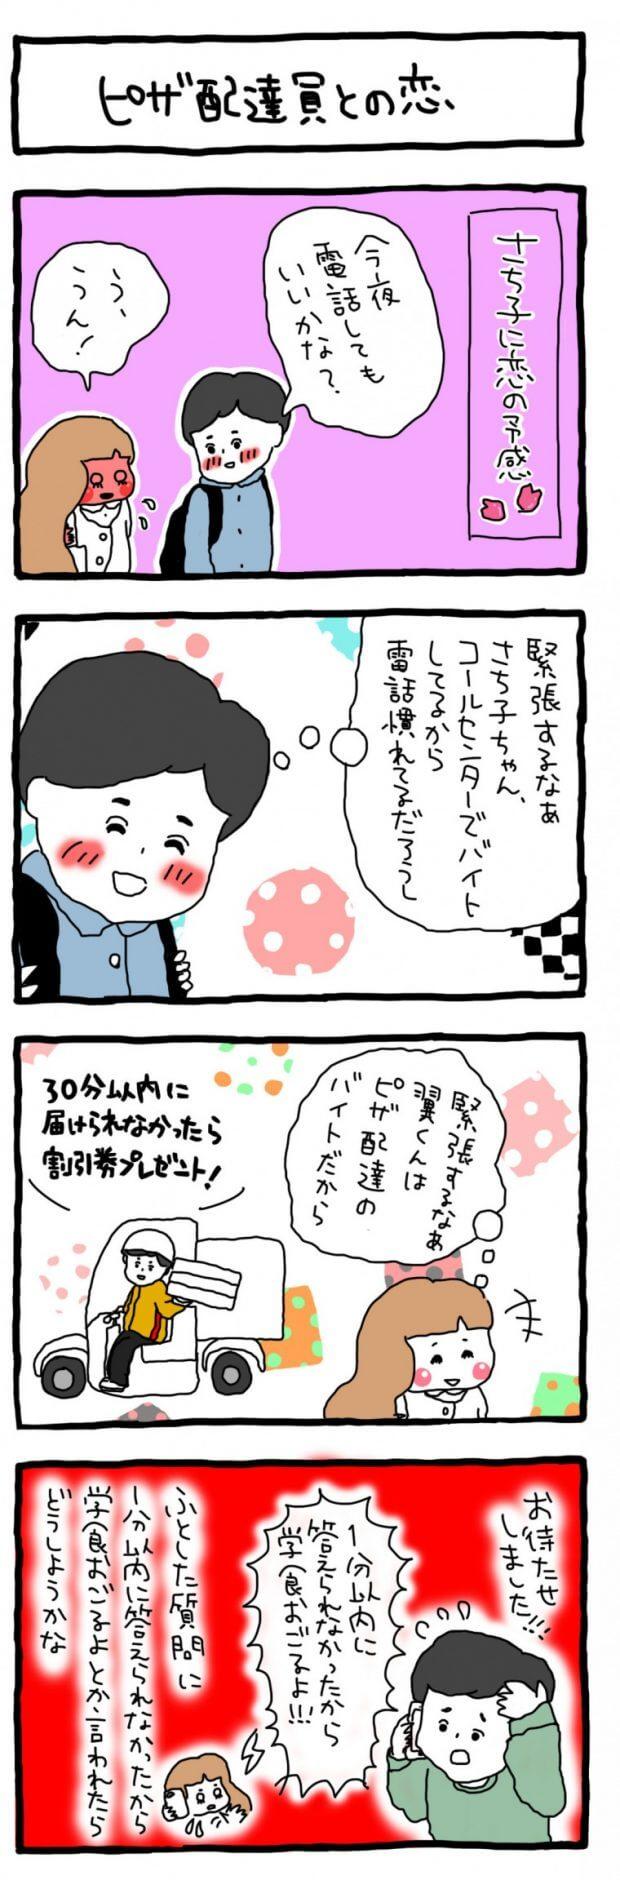 気に女 マンガ 武井怜 バイト 学生 バイト フロムエー